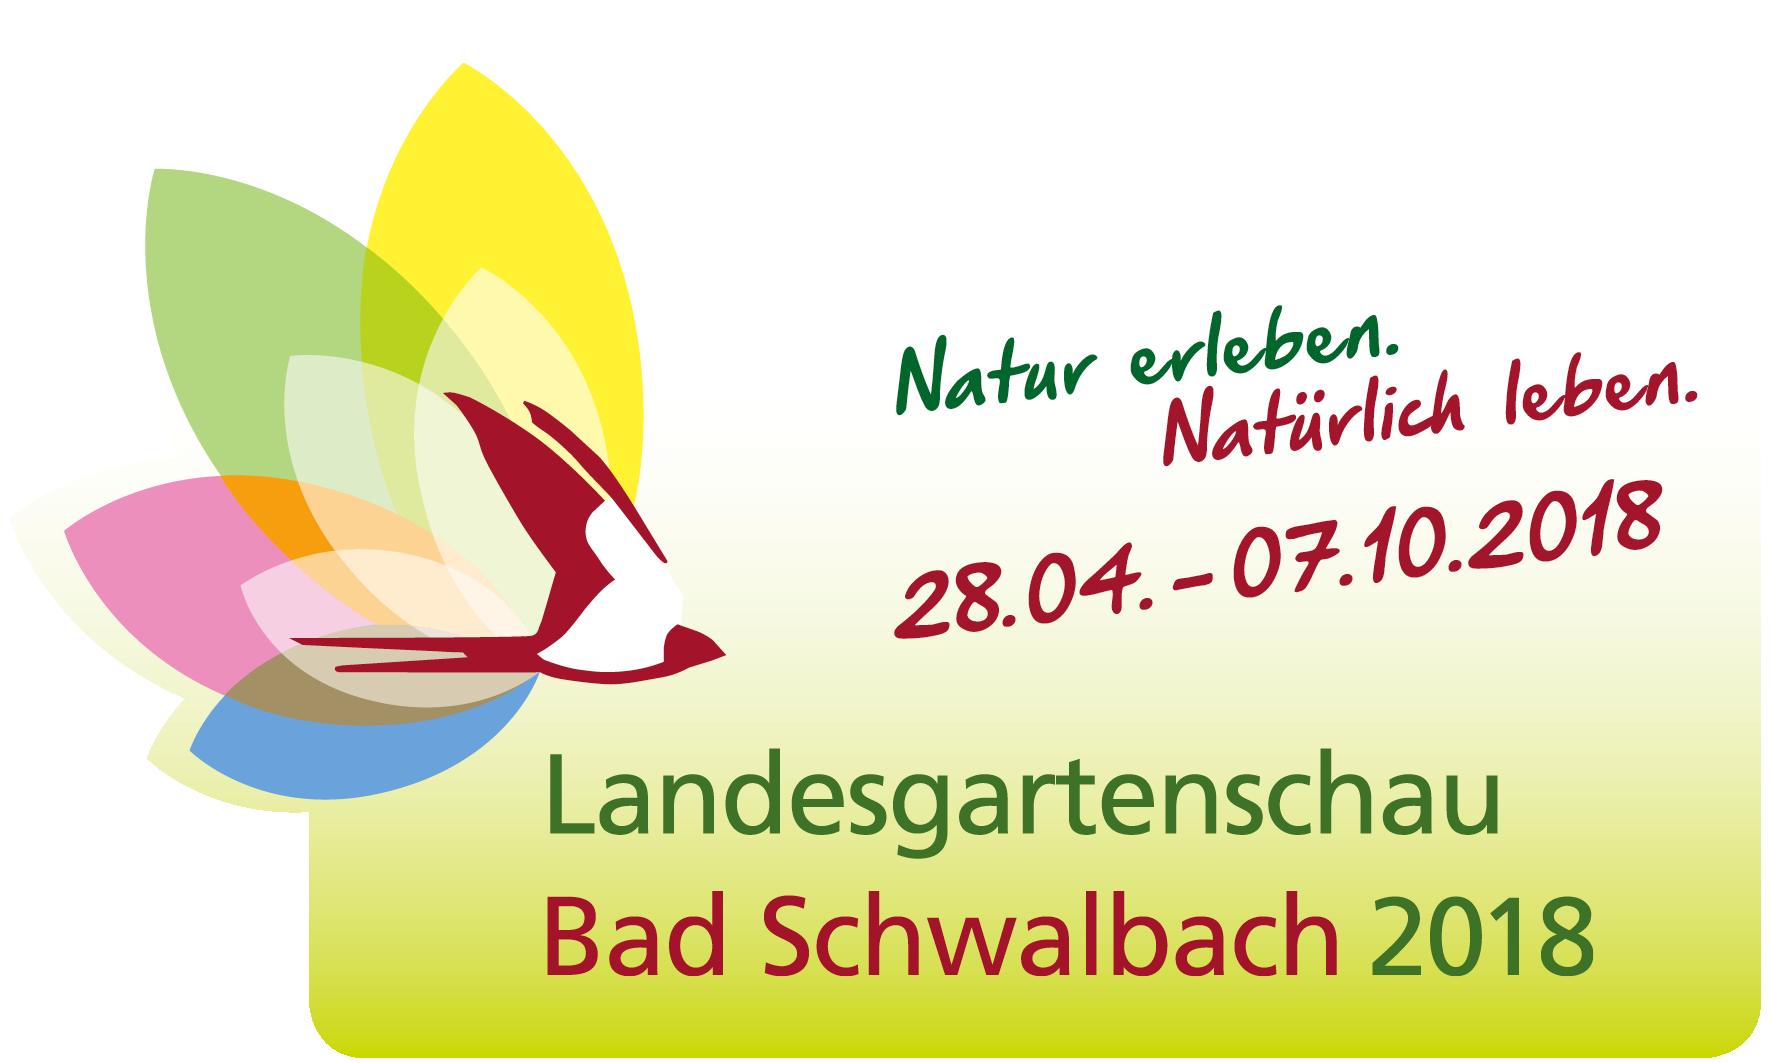 Landesgartenschau bald schwallbach 2018